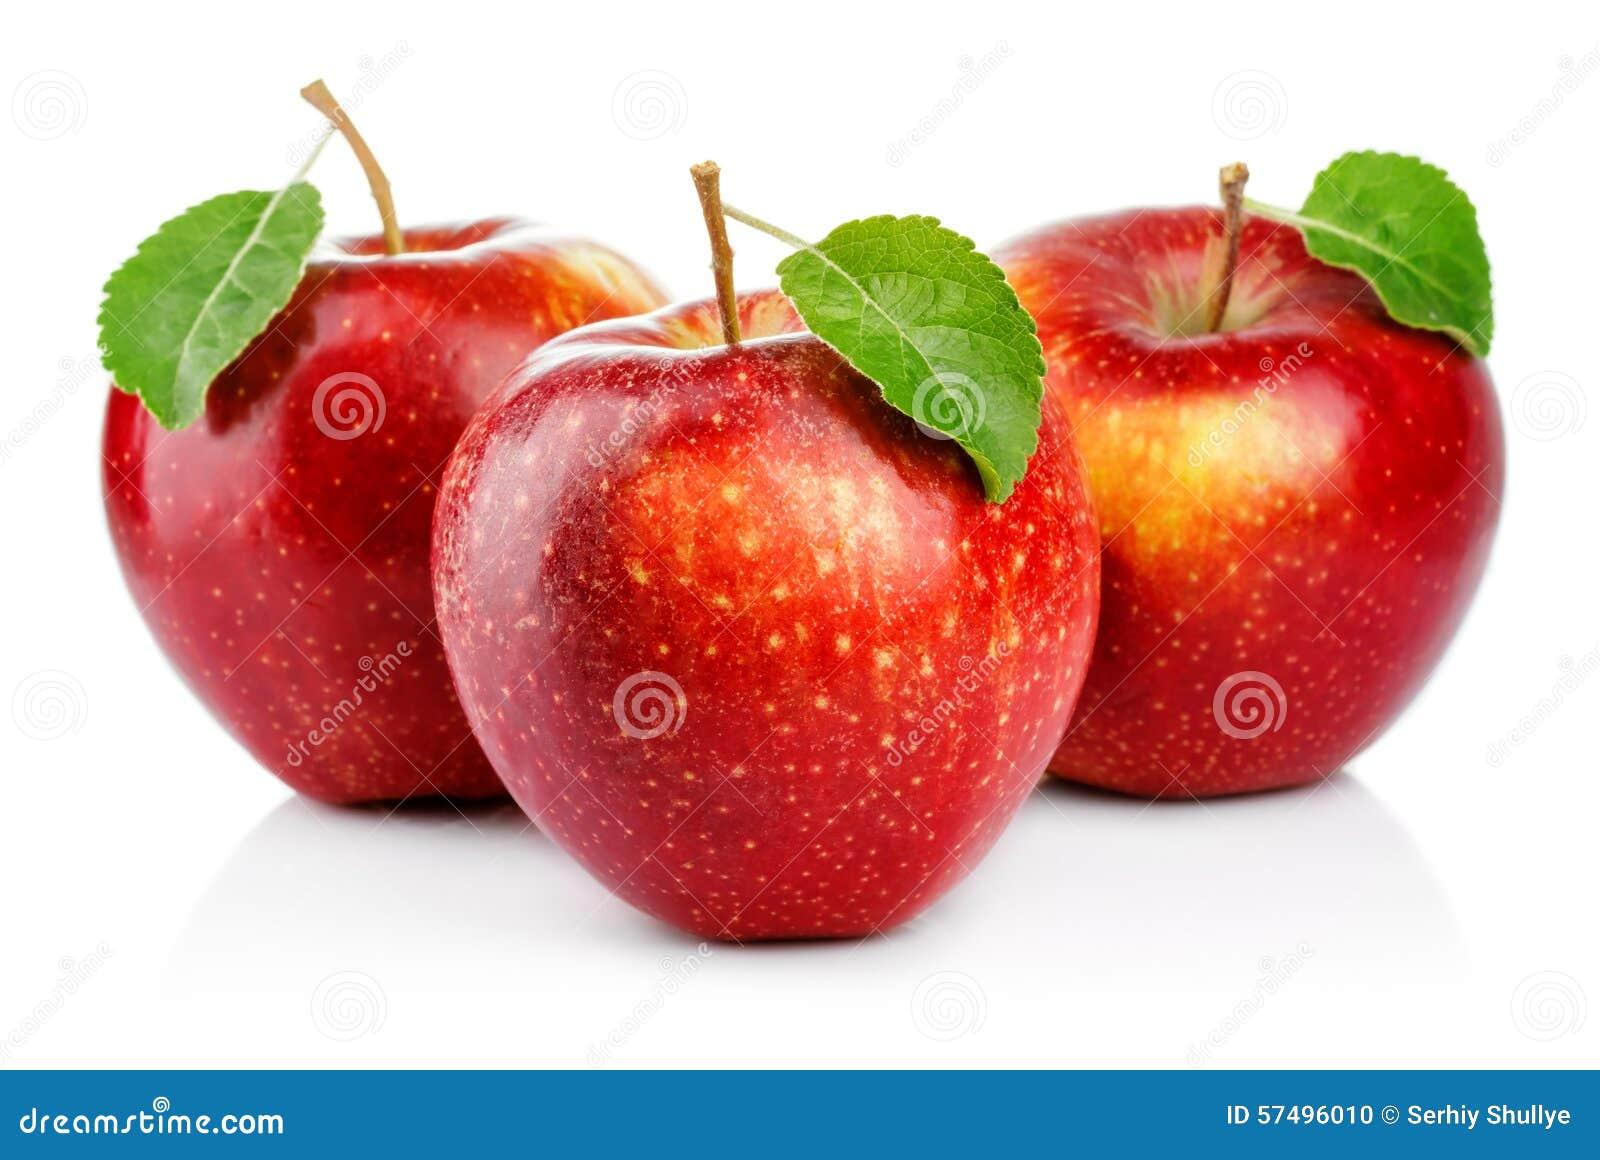 Trzy czerwonego jabłka z liściem odizolowywającym na bielu